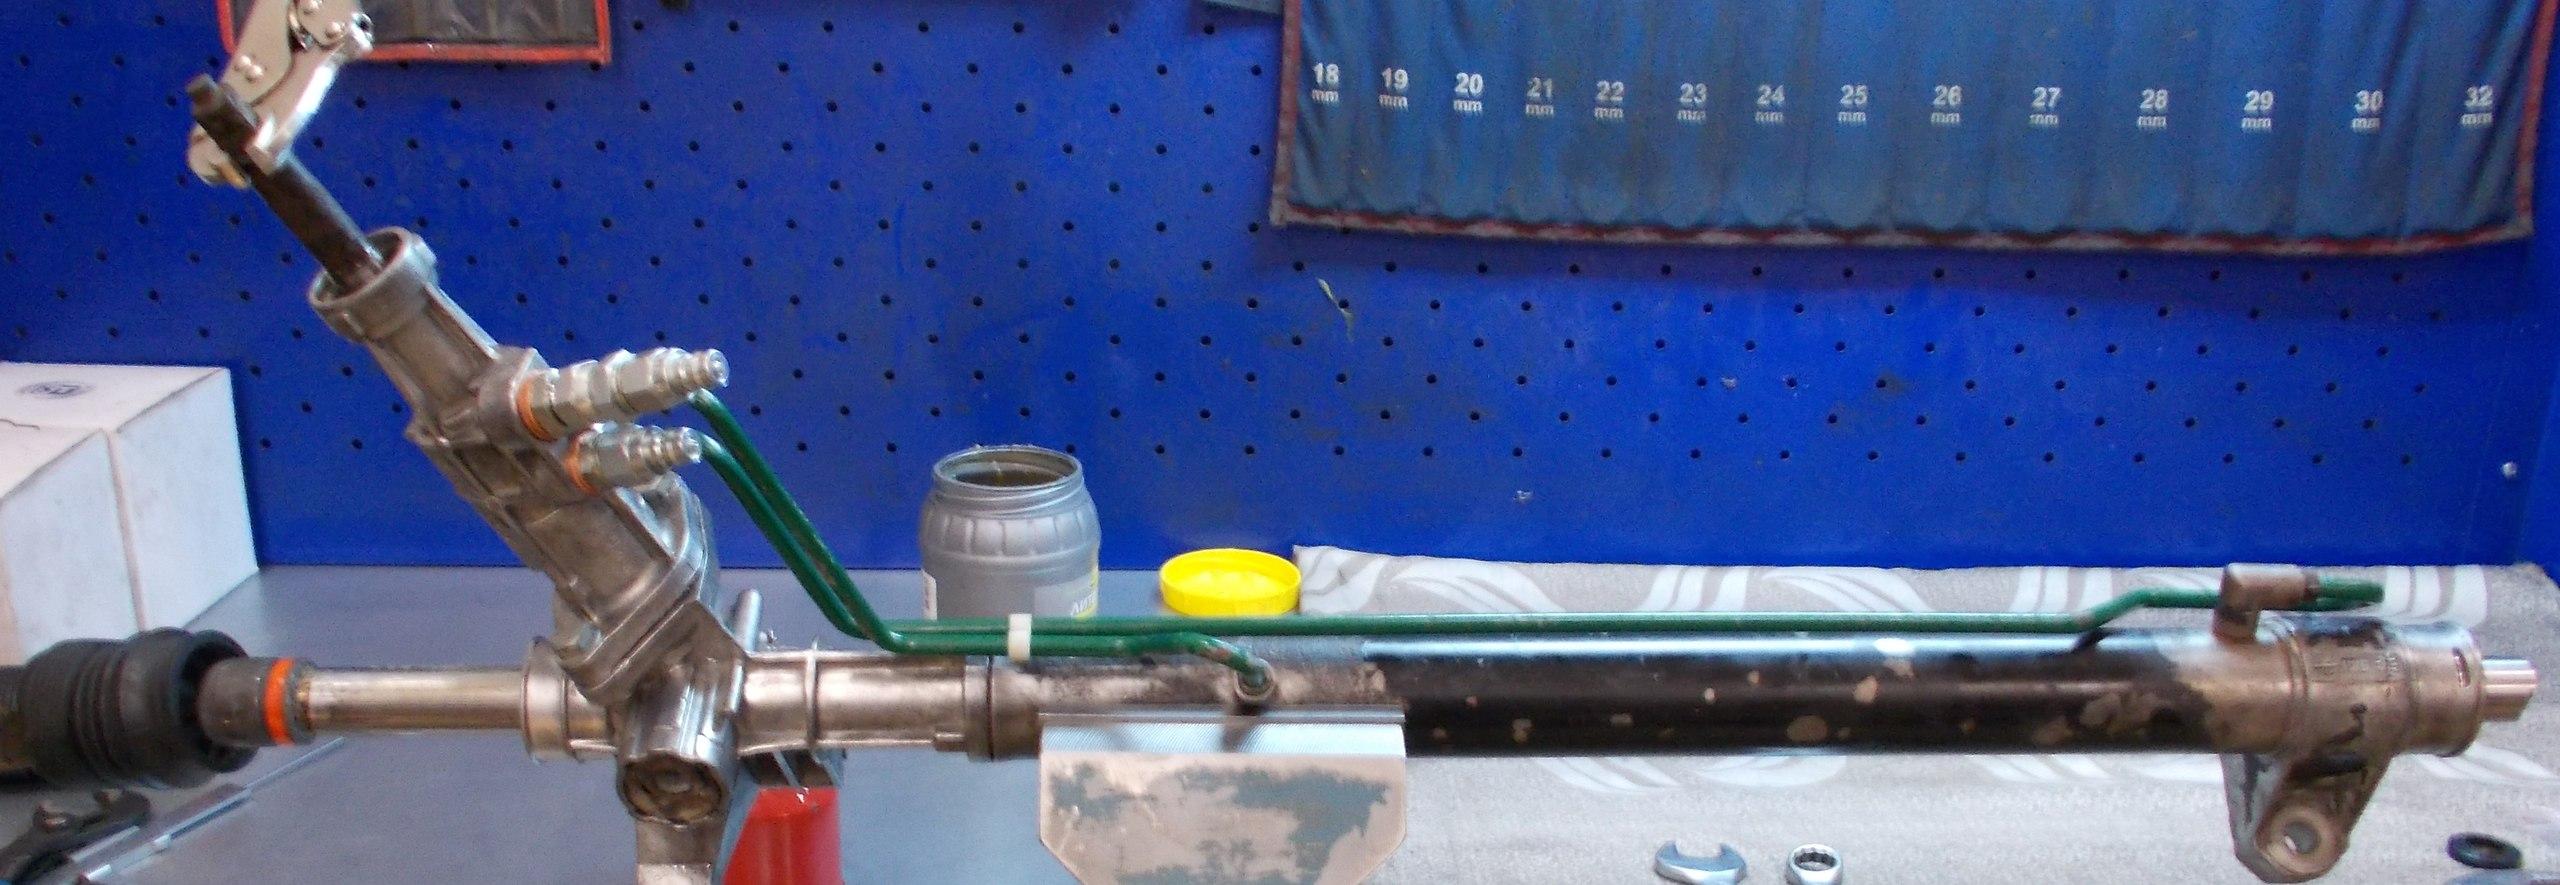 Ремонт рулевой рейки для рено симбол своими руками 81